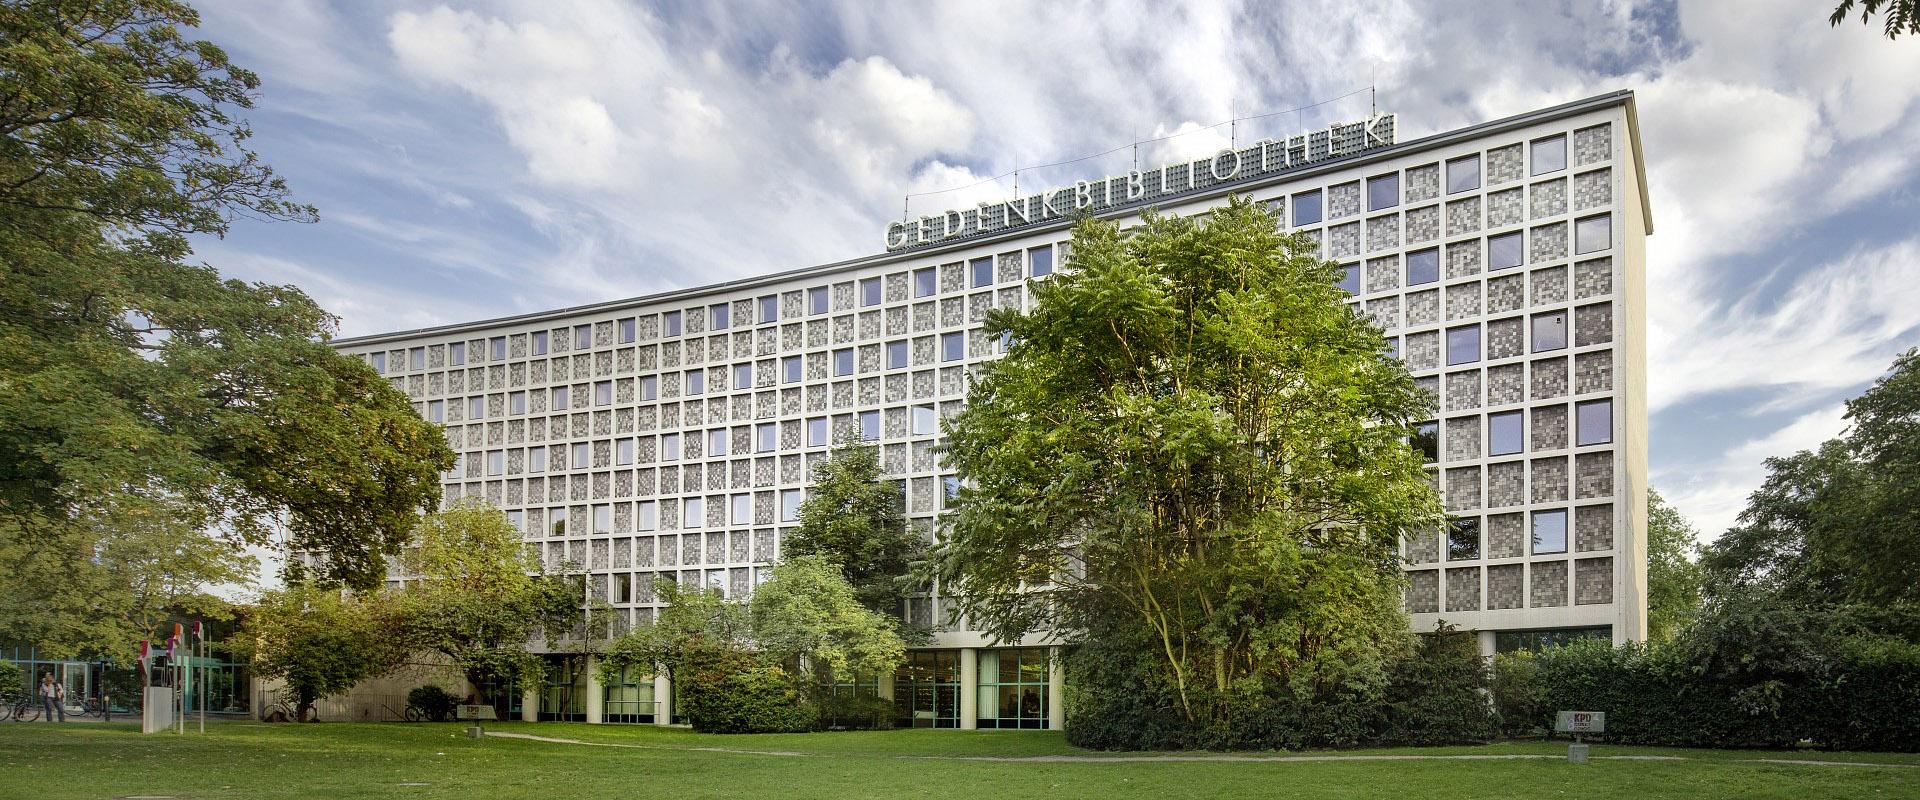 Forum für die Stadtgesellschaft  die Zentral und Landesbibliothek Berlin ist quot;Bibliothek des